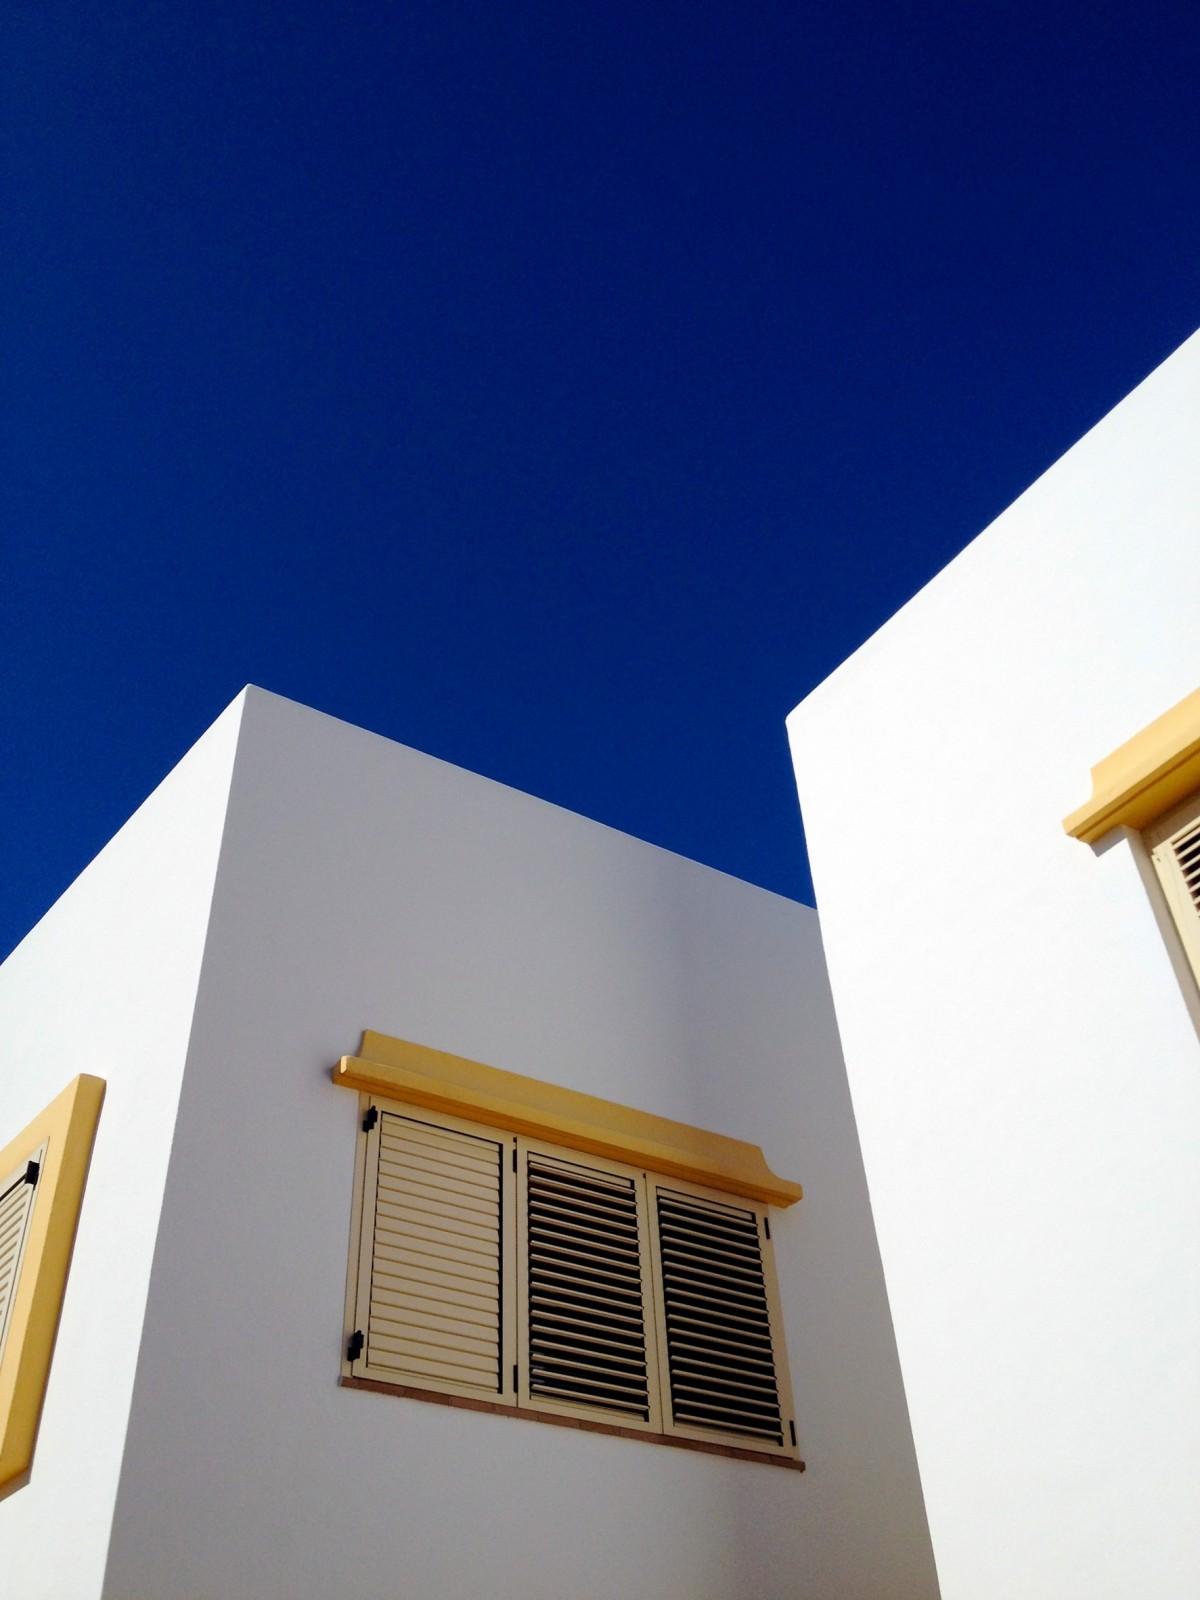 Images gratuites bois maison mur mod le couleur for Conception d architecture maison gratuite